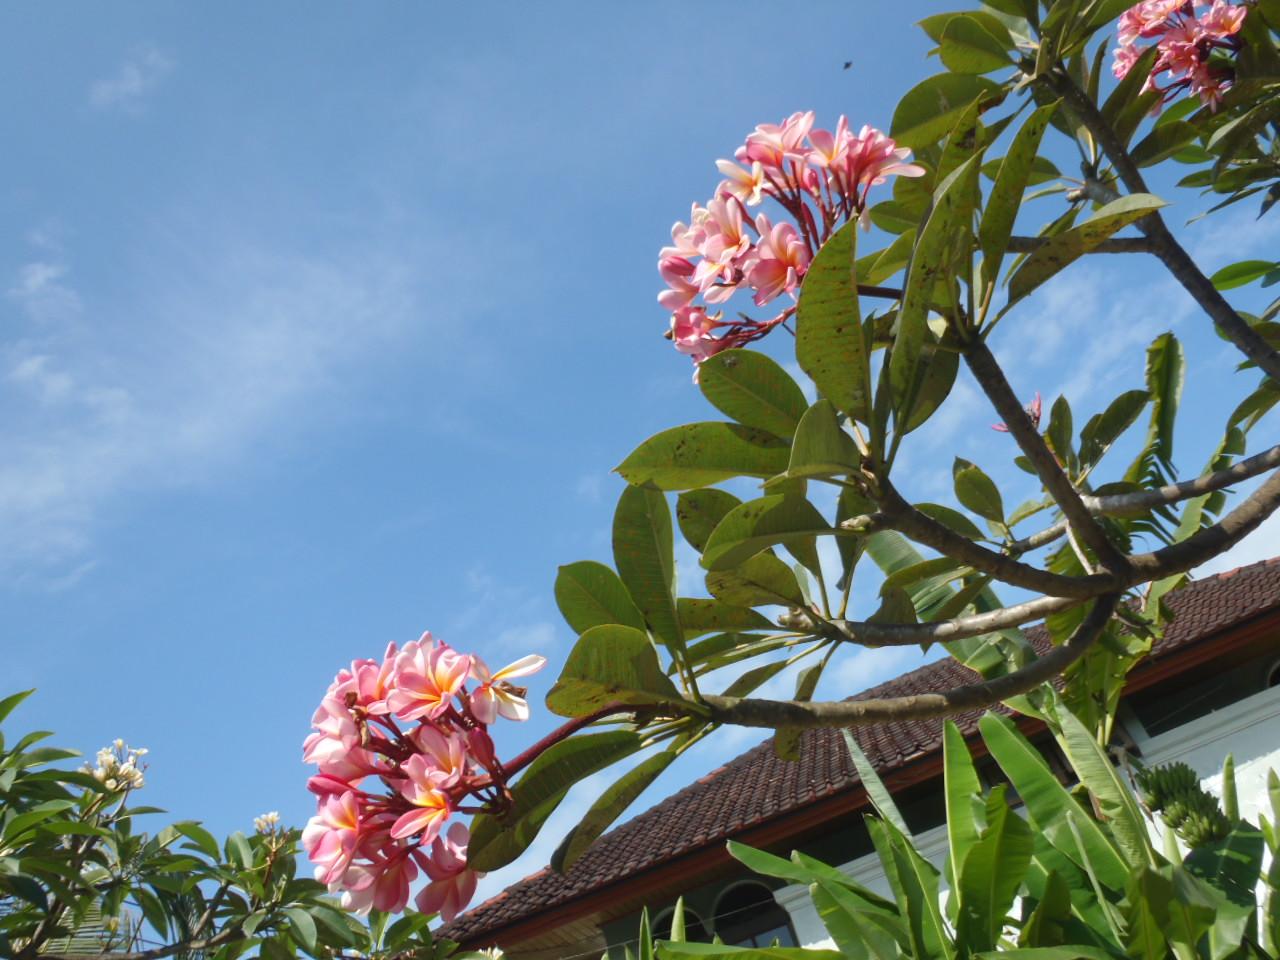 庭に咲くピンクのプルメリア